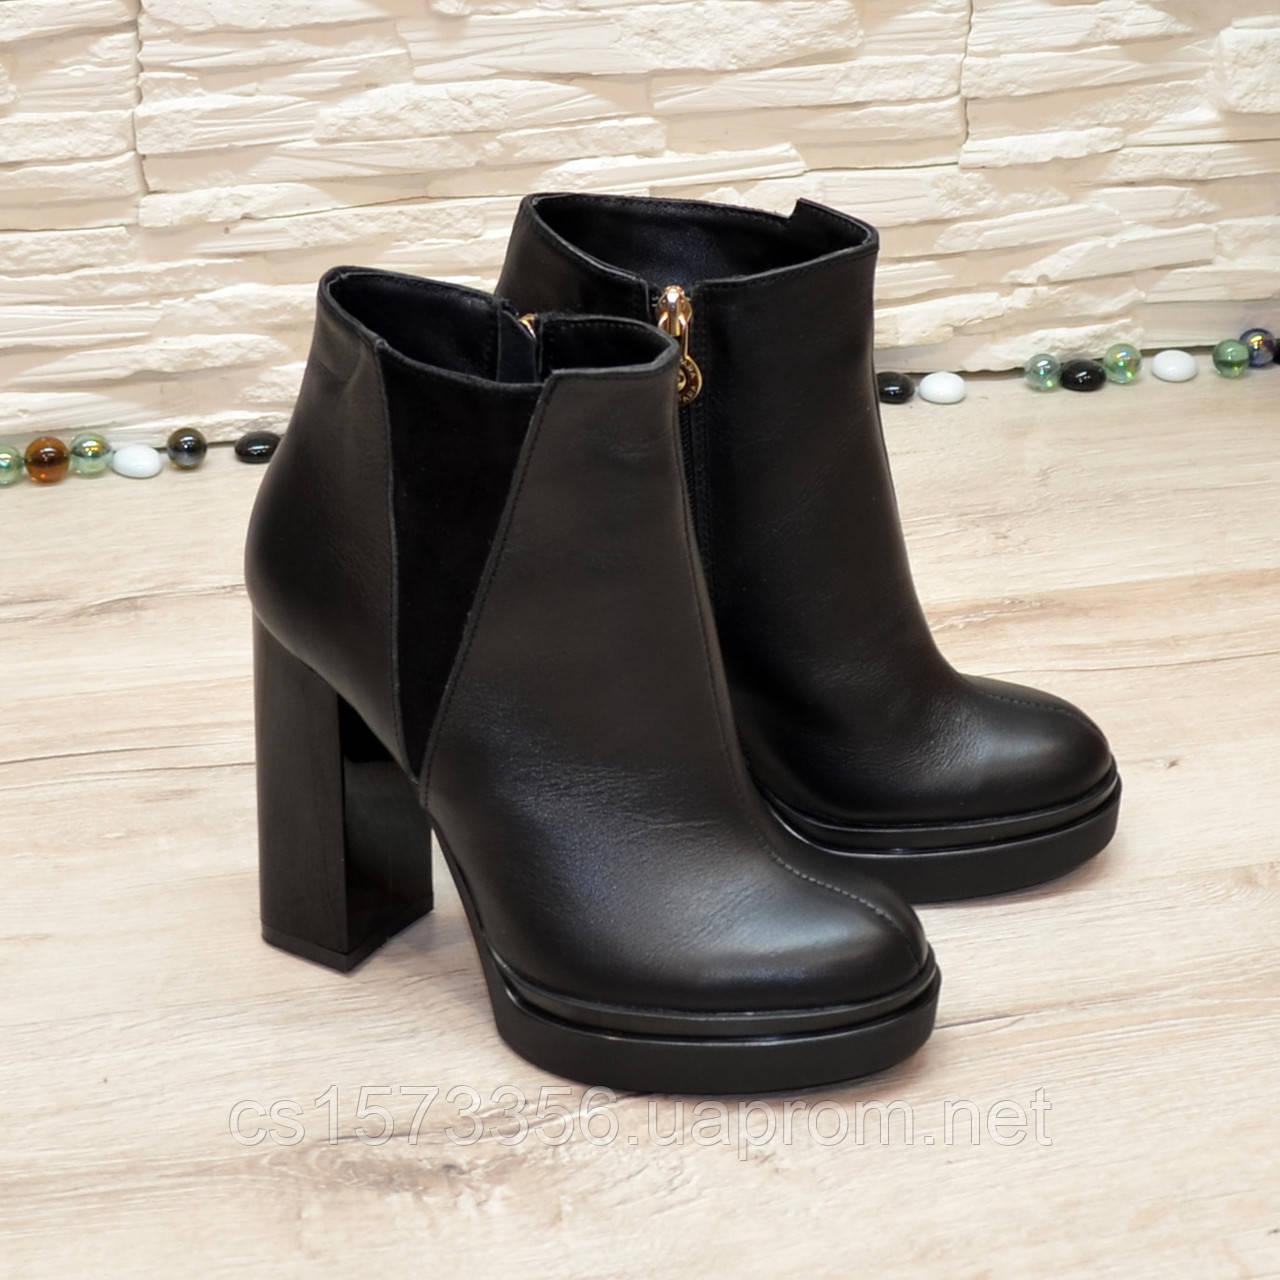 Ботинки женские на высоком устойчивом каблуке, натуральная черная кожа и замша